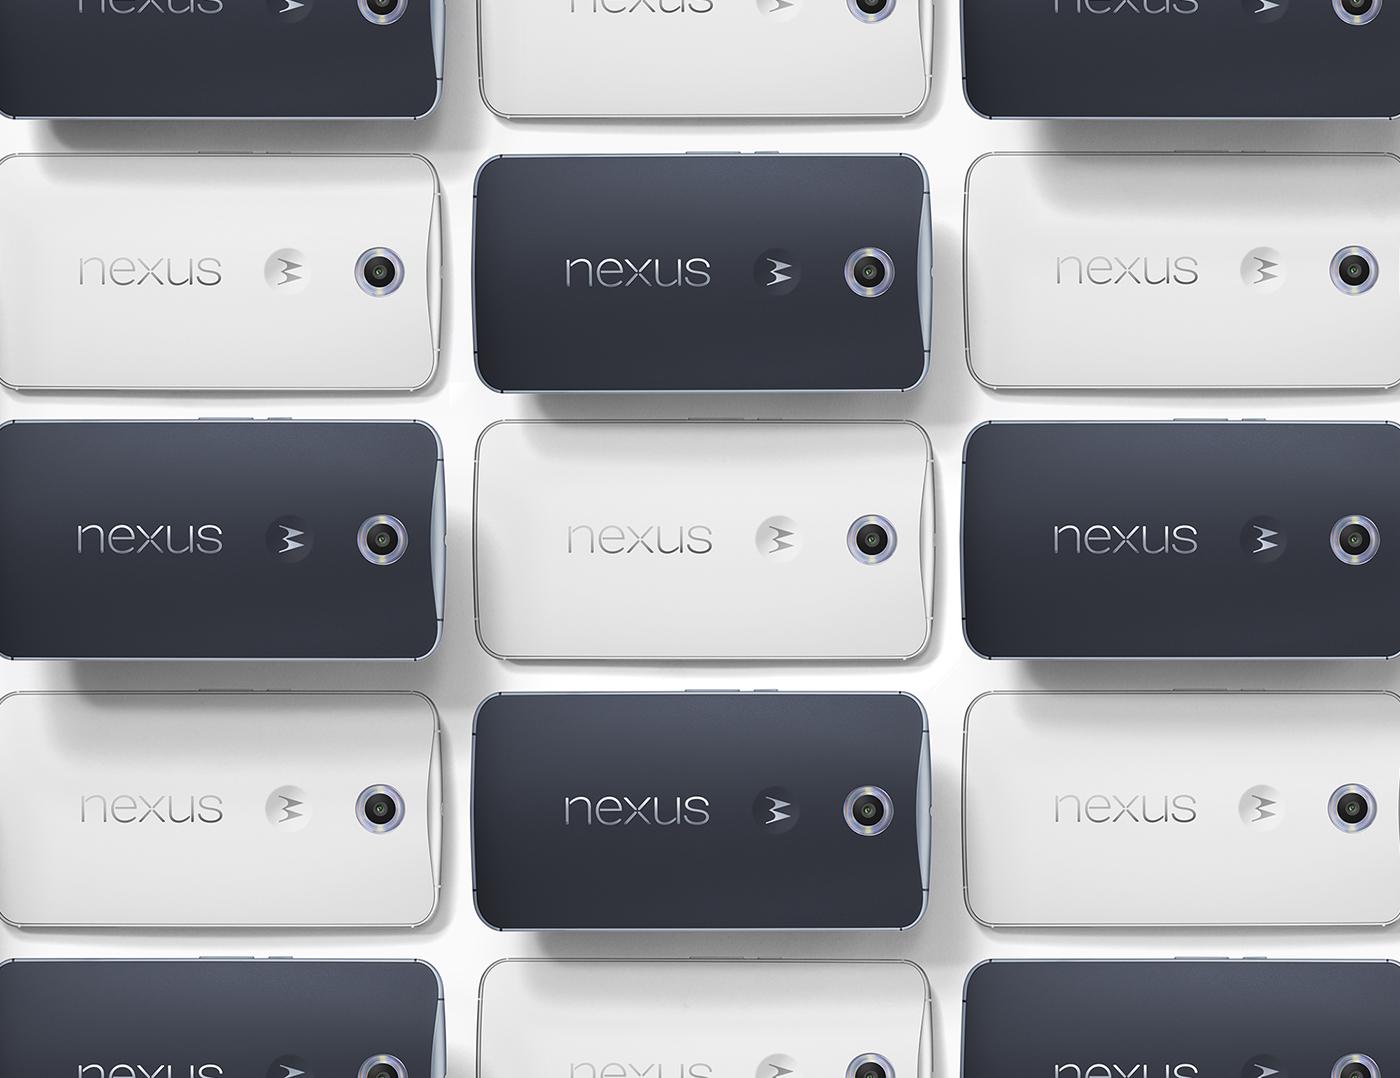 nexus_N6-grid1-1600